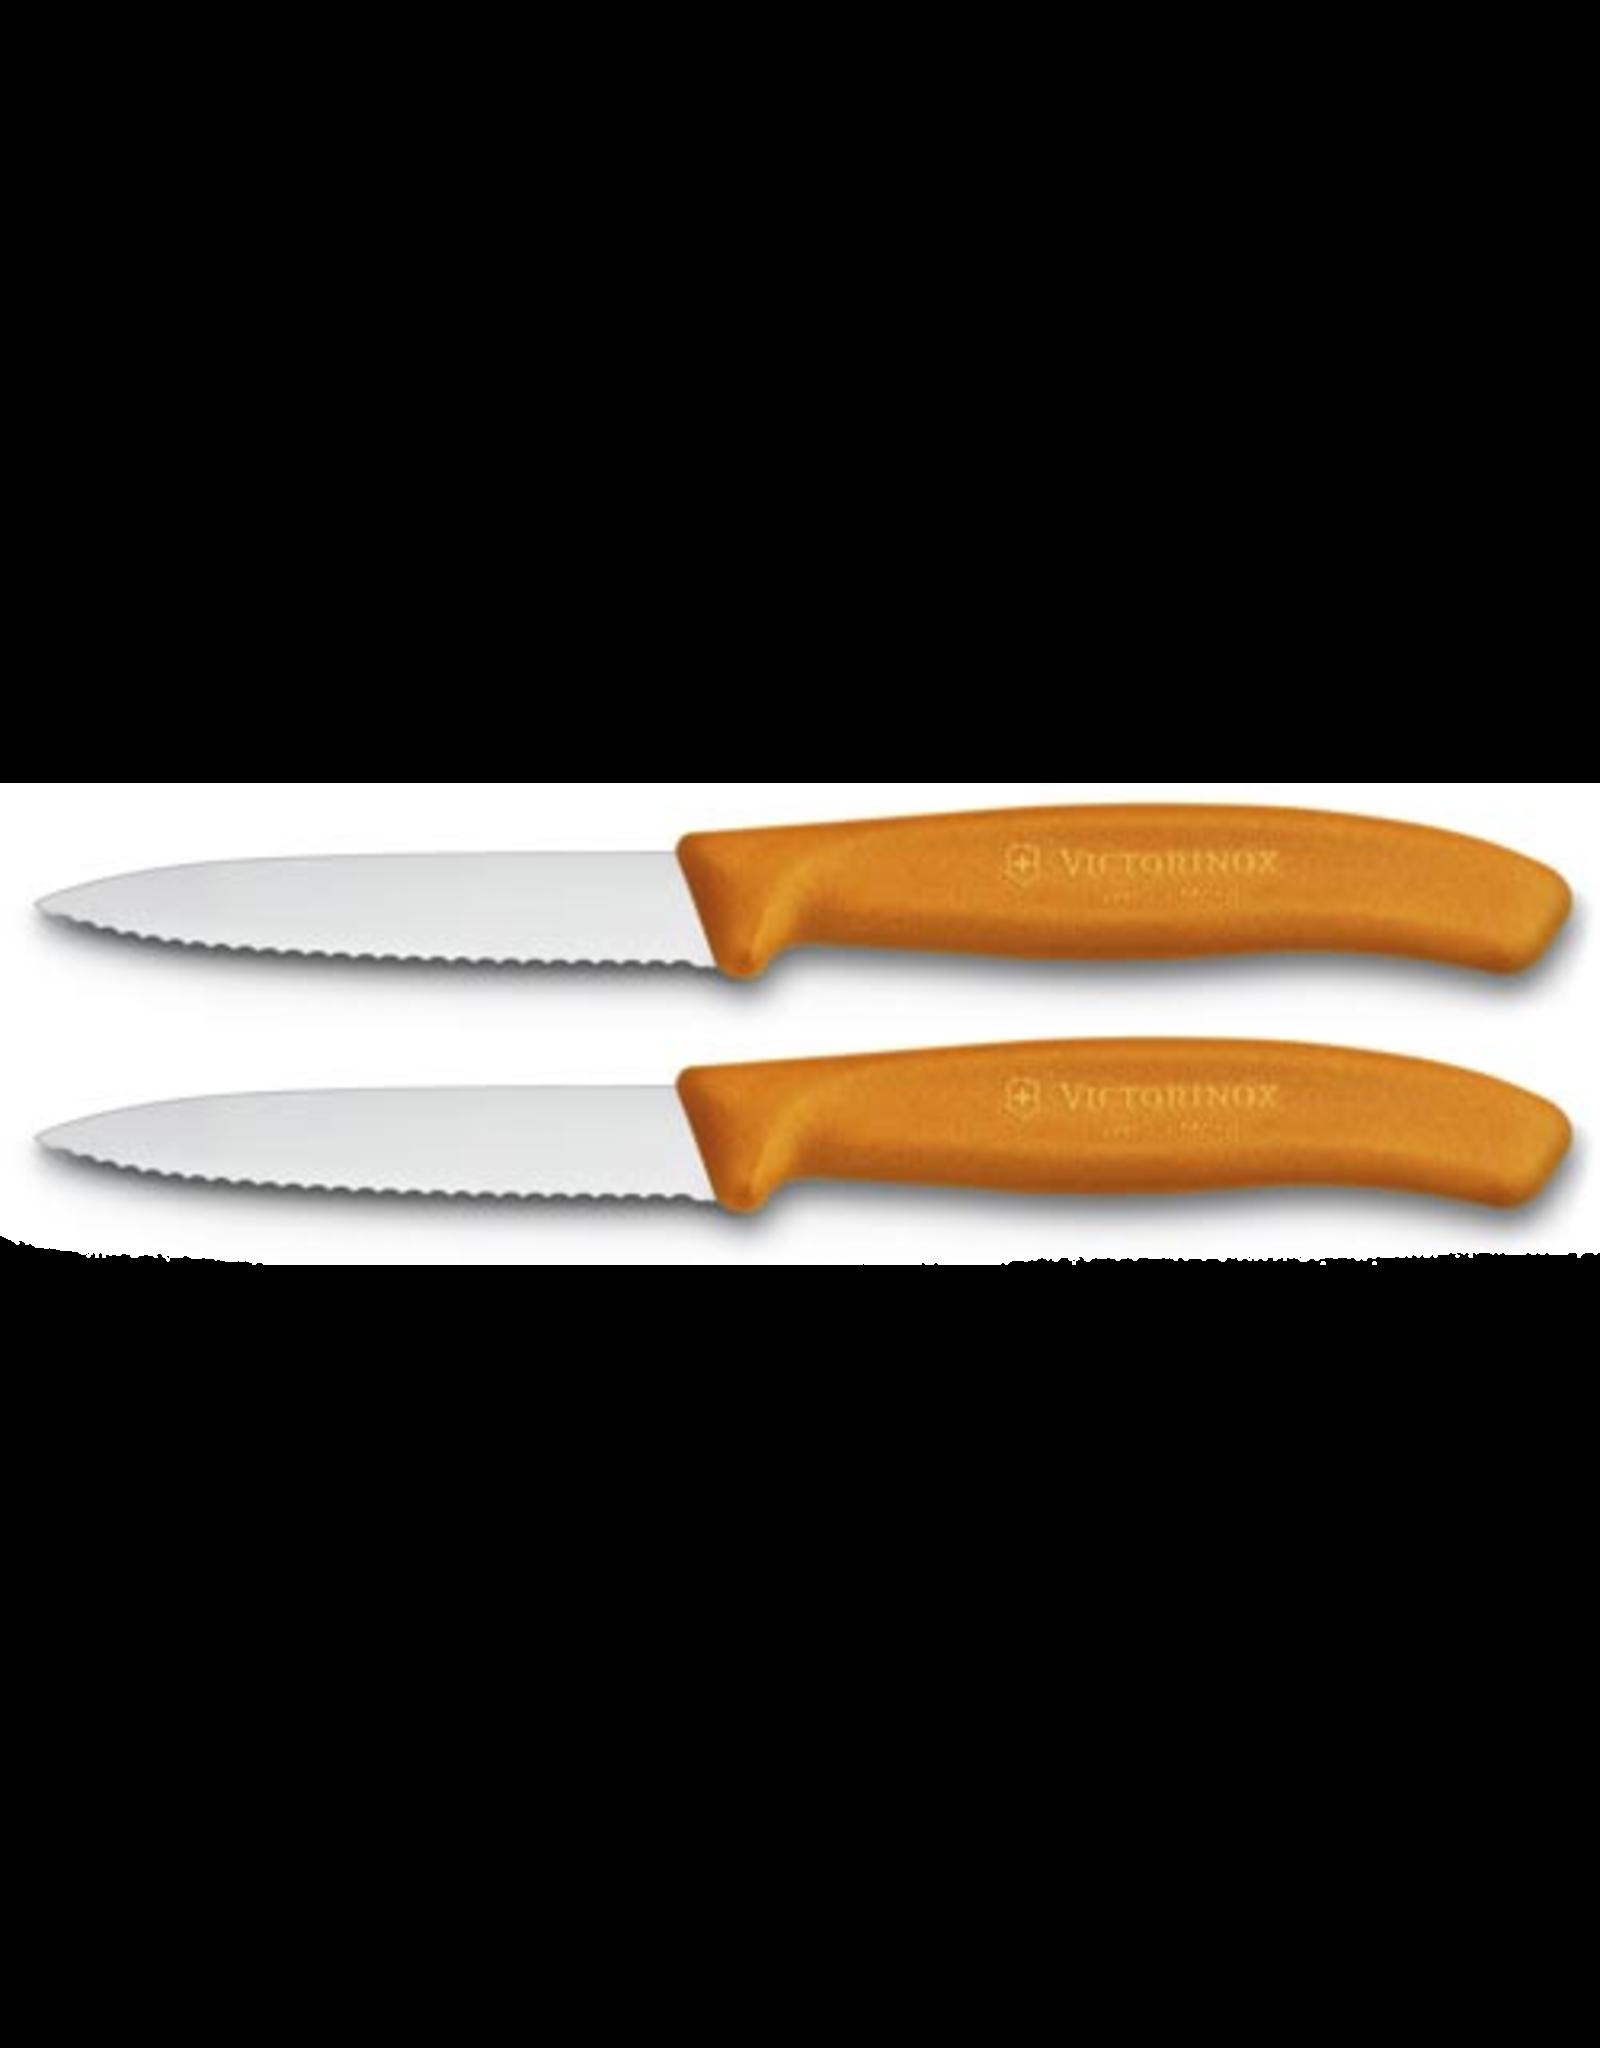 Victorinox VICTORINOX. schilmesje 8cm gekarteld oranje (set van 2)